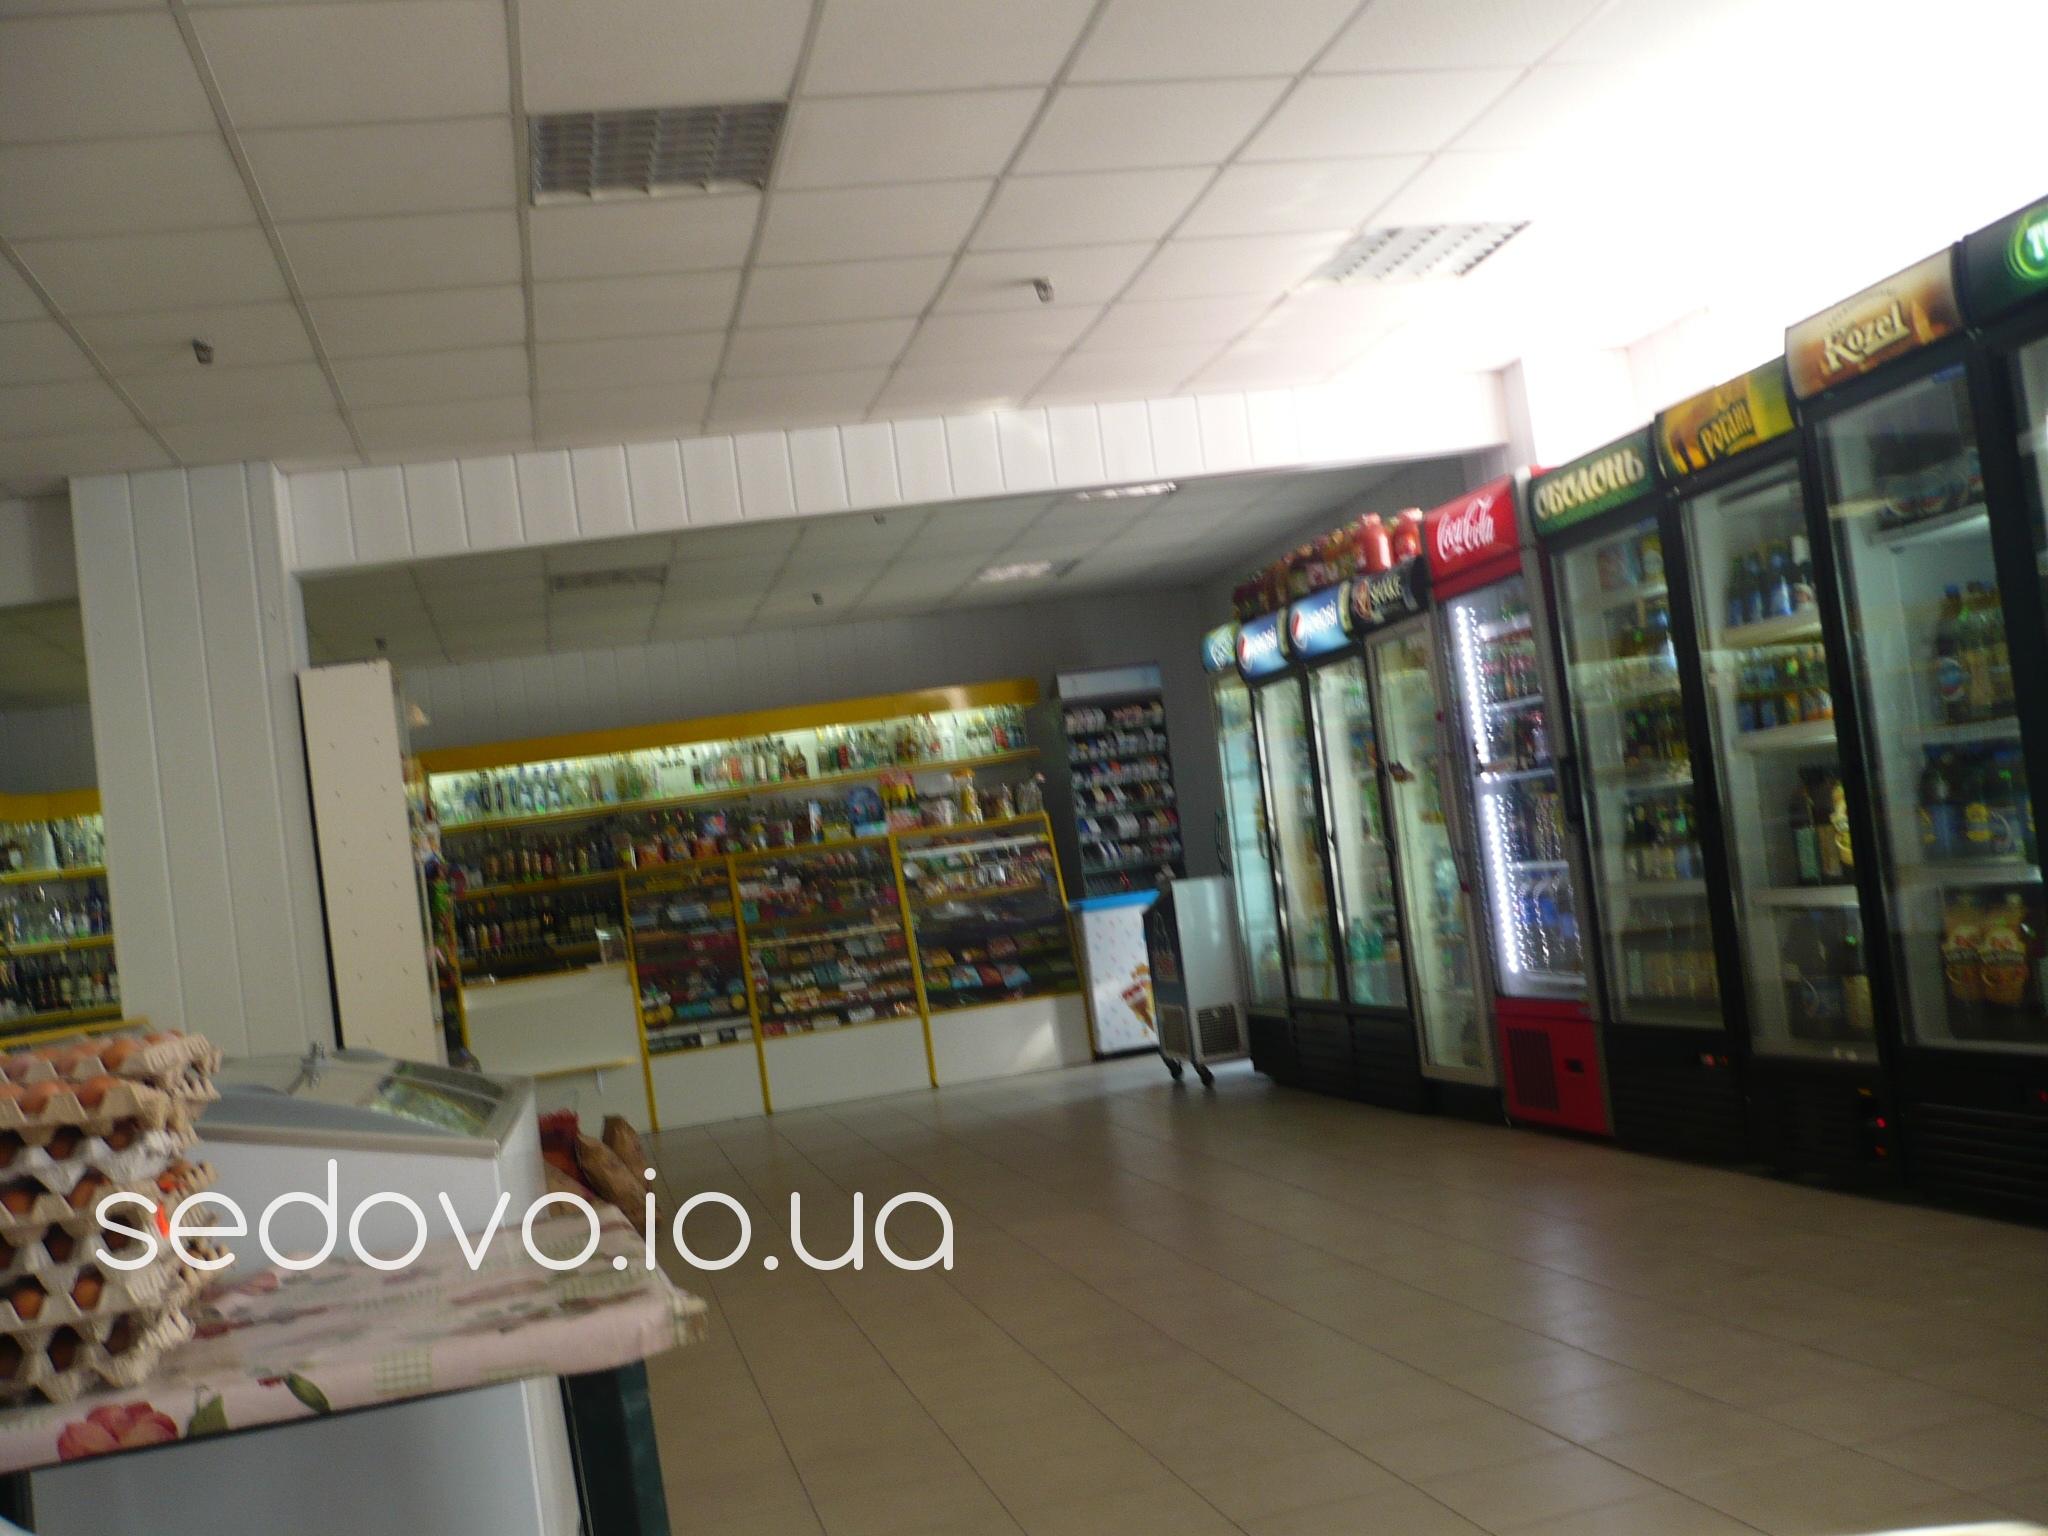 Седово цены в магазинах и супермаркетах